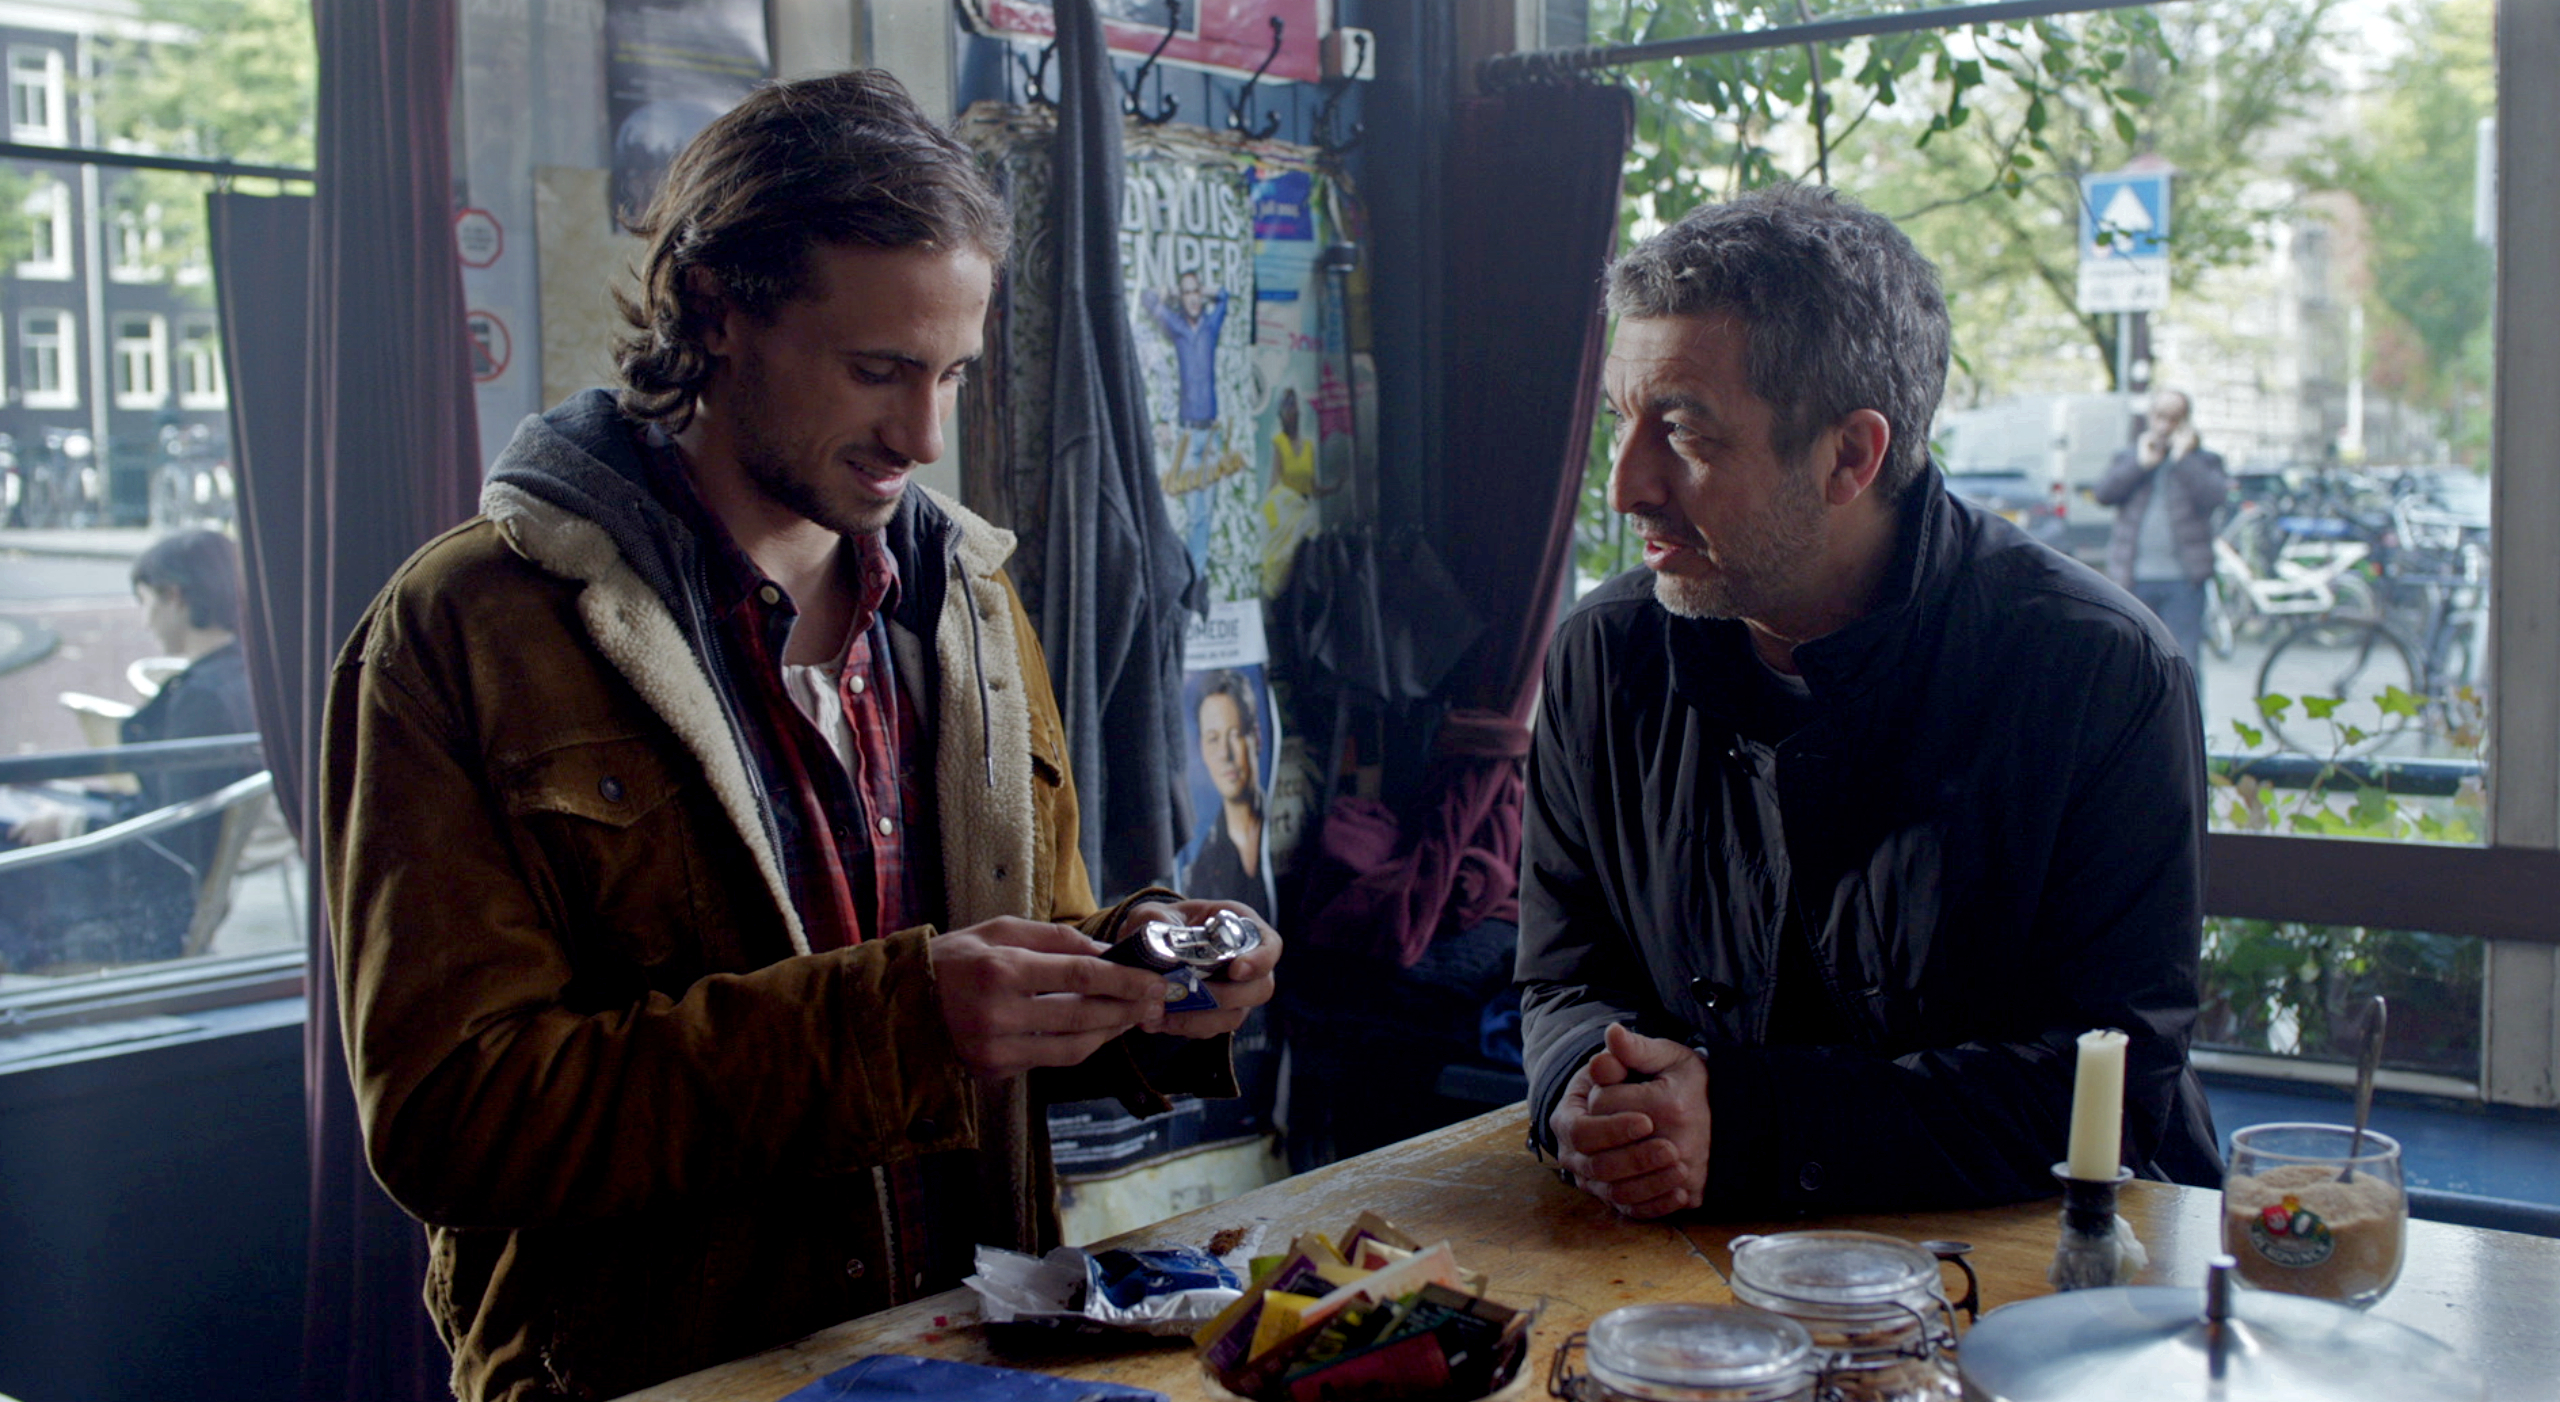 Freunde fürs Leben Spanien, Argentinien 2015 Regie: Cesc Gay